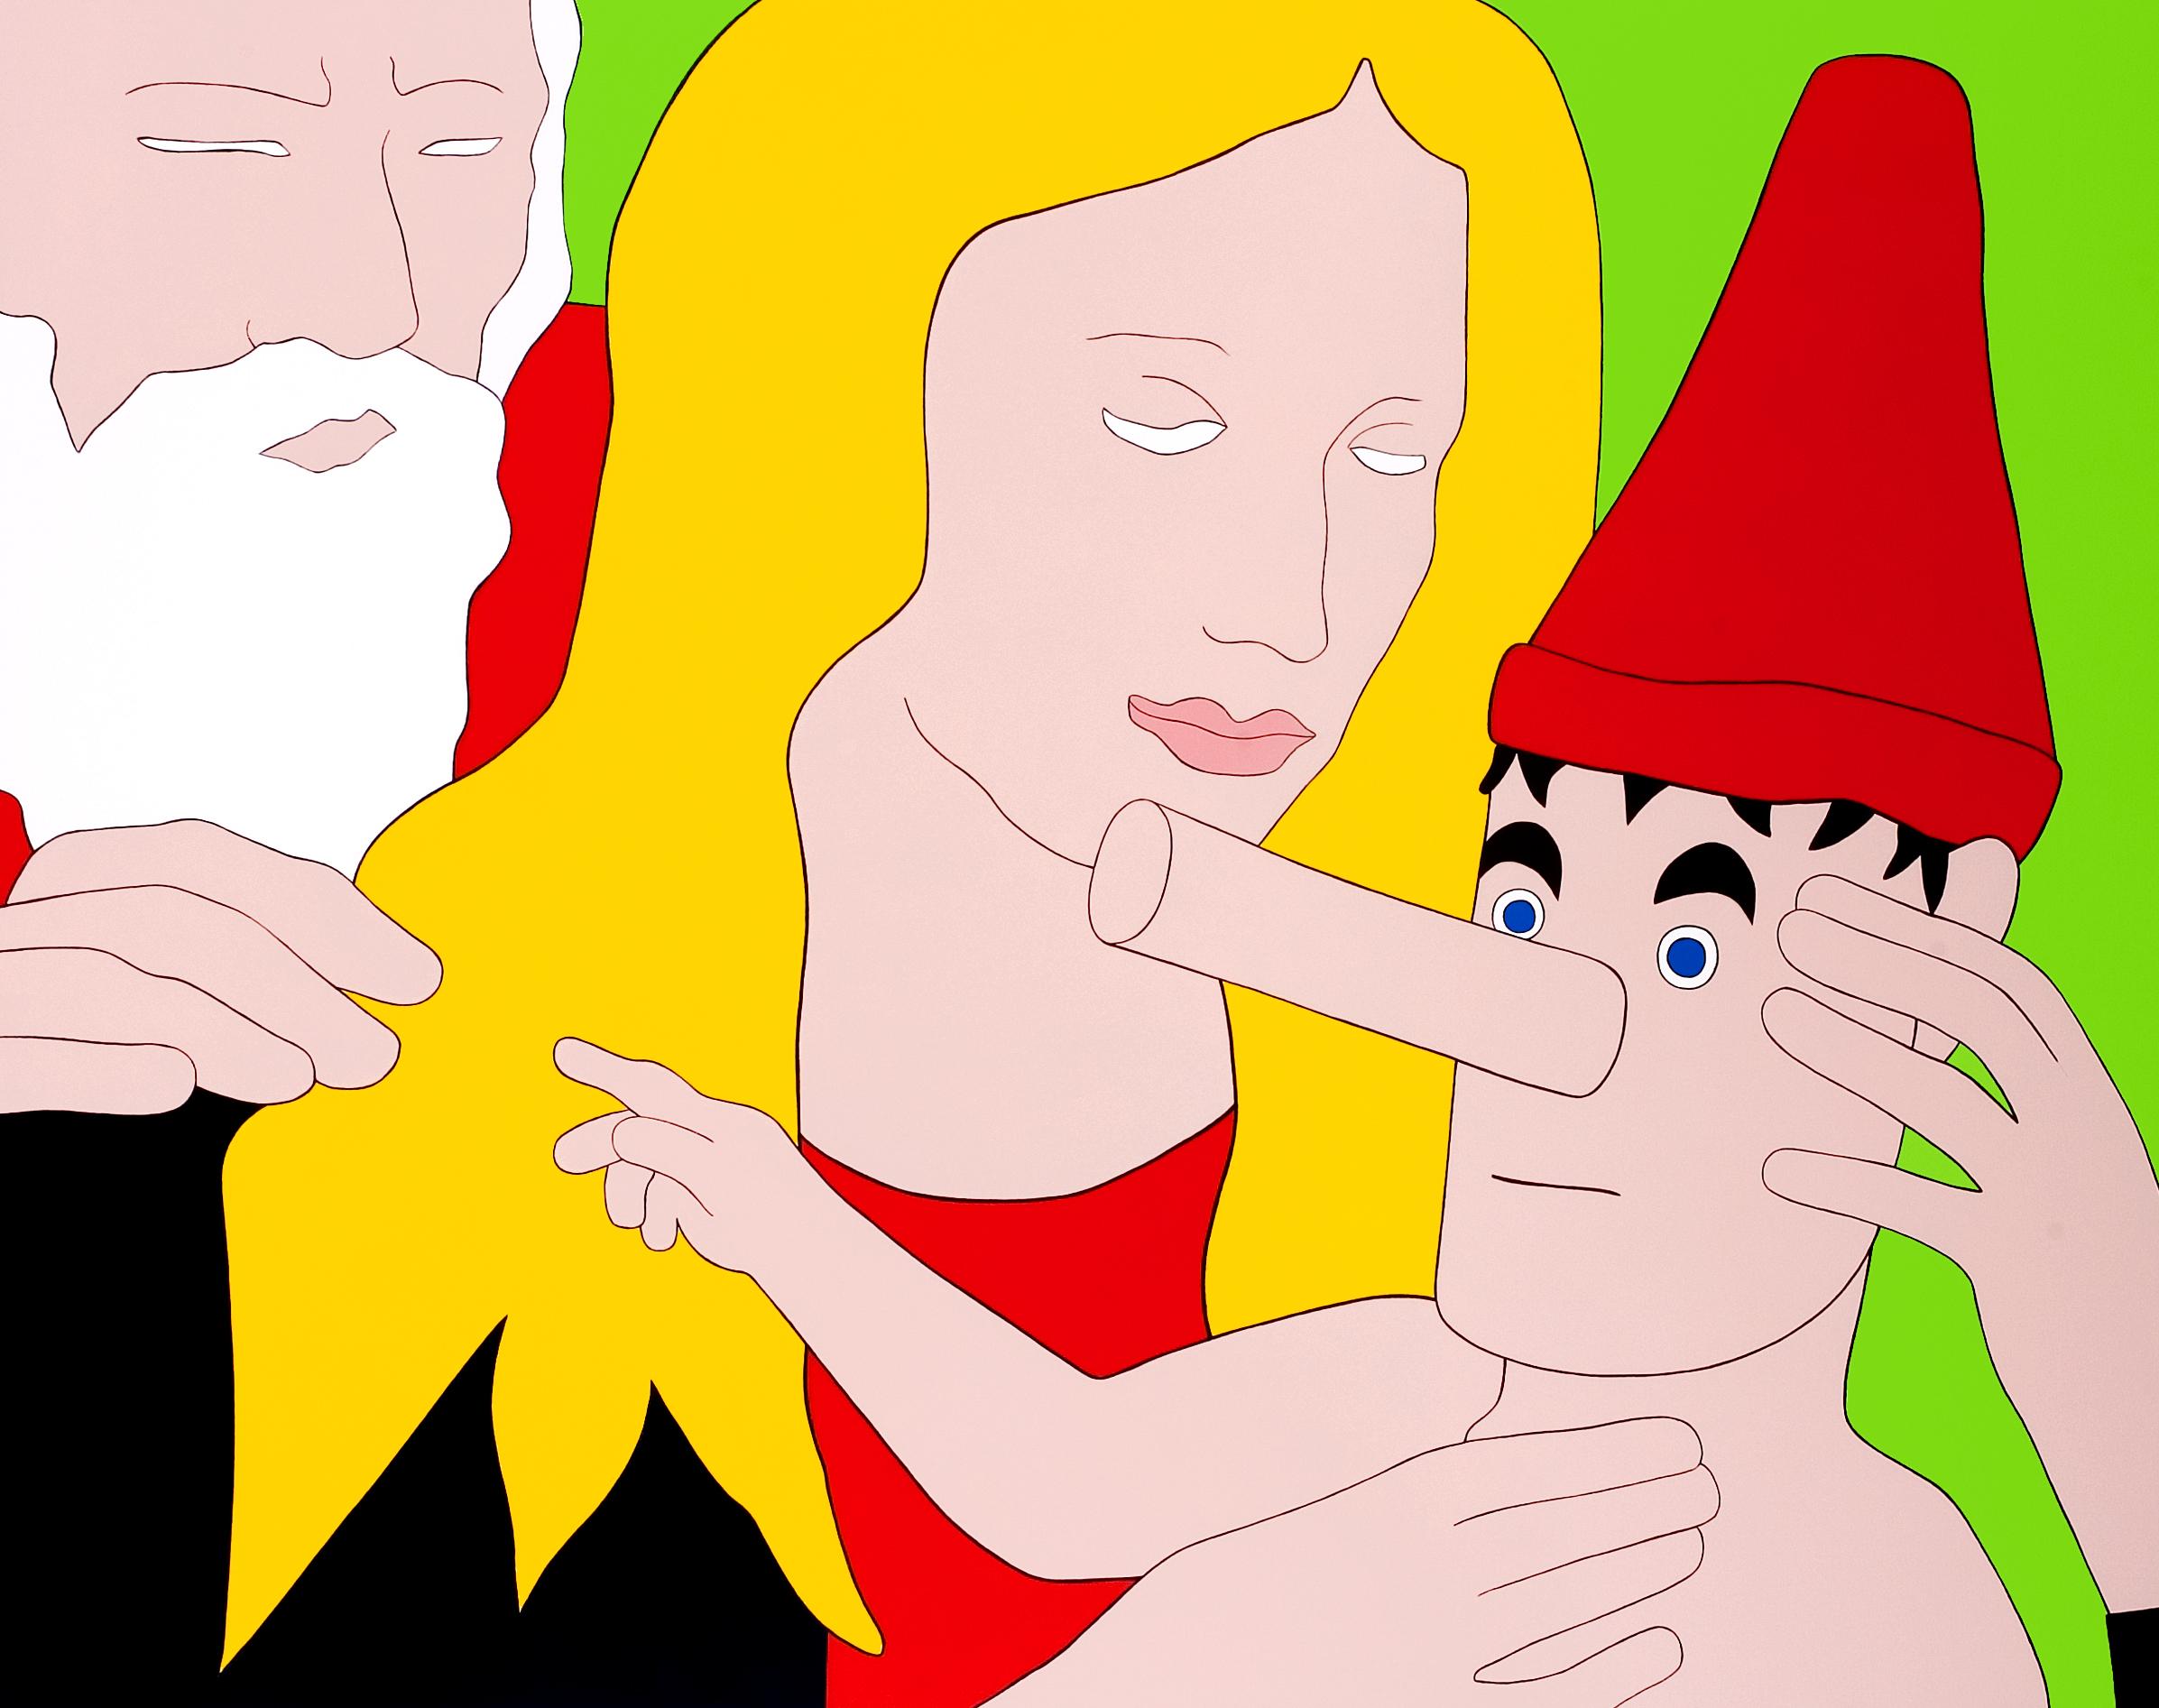 Raising, painting by Wouter van Riessen